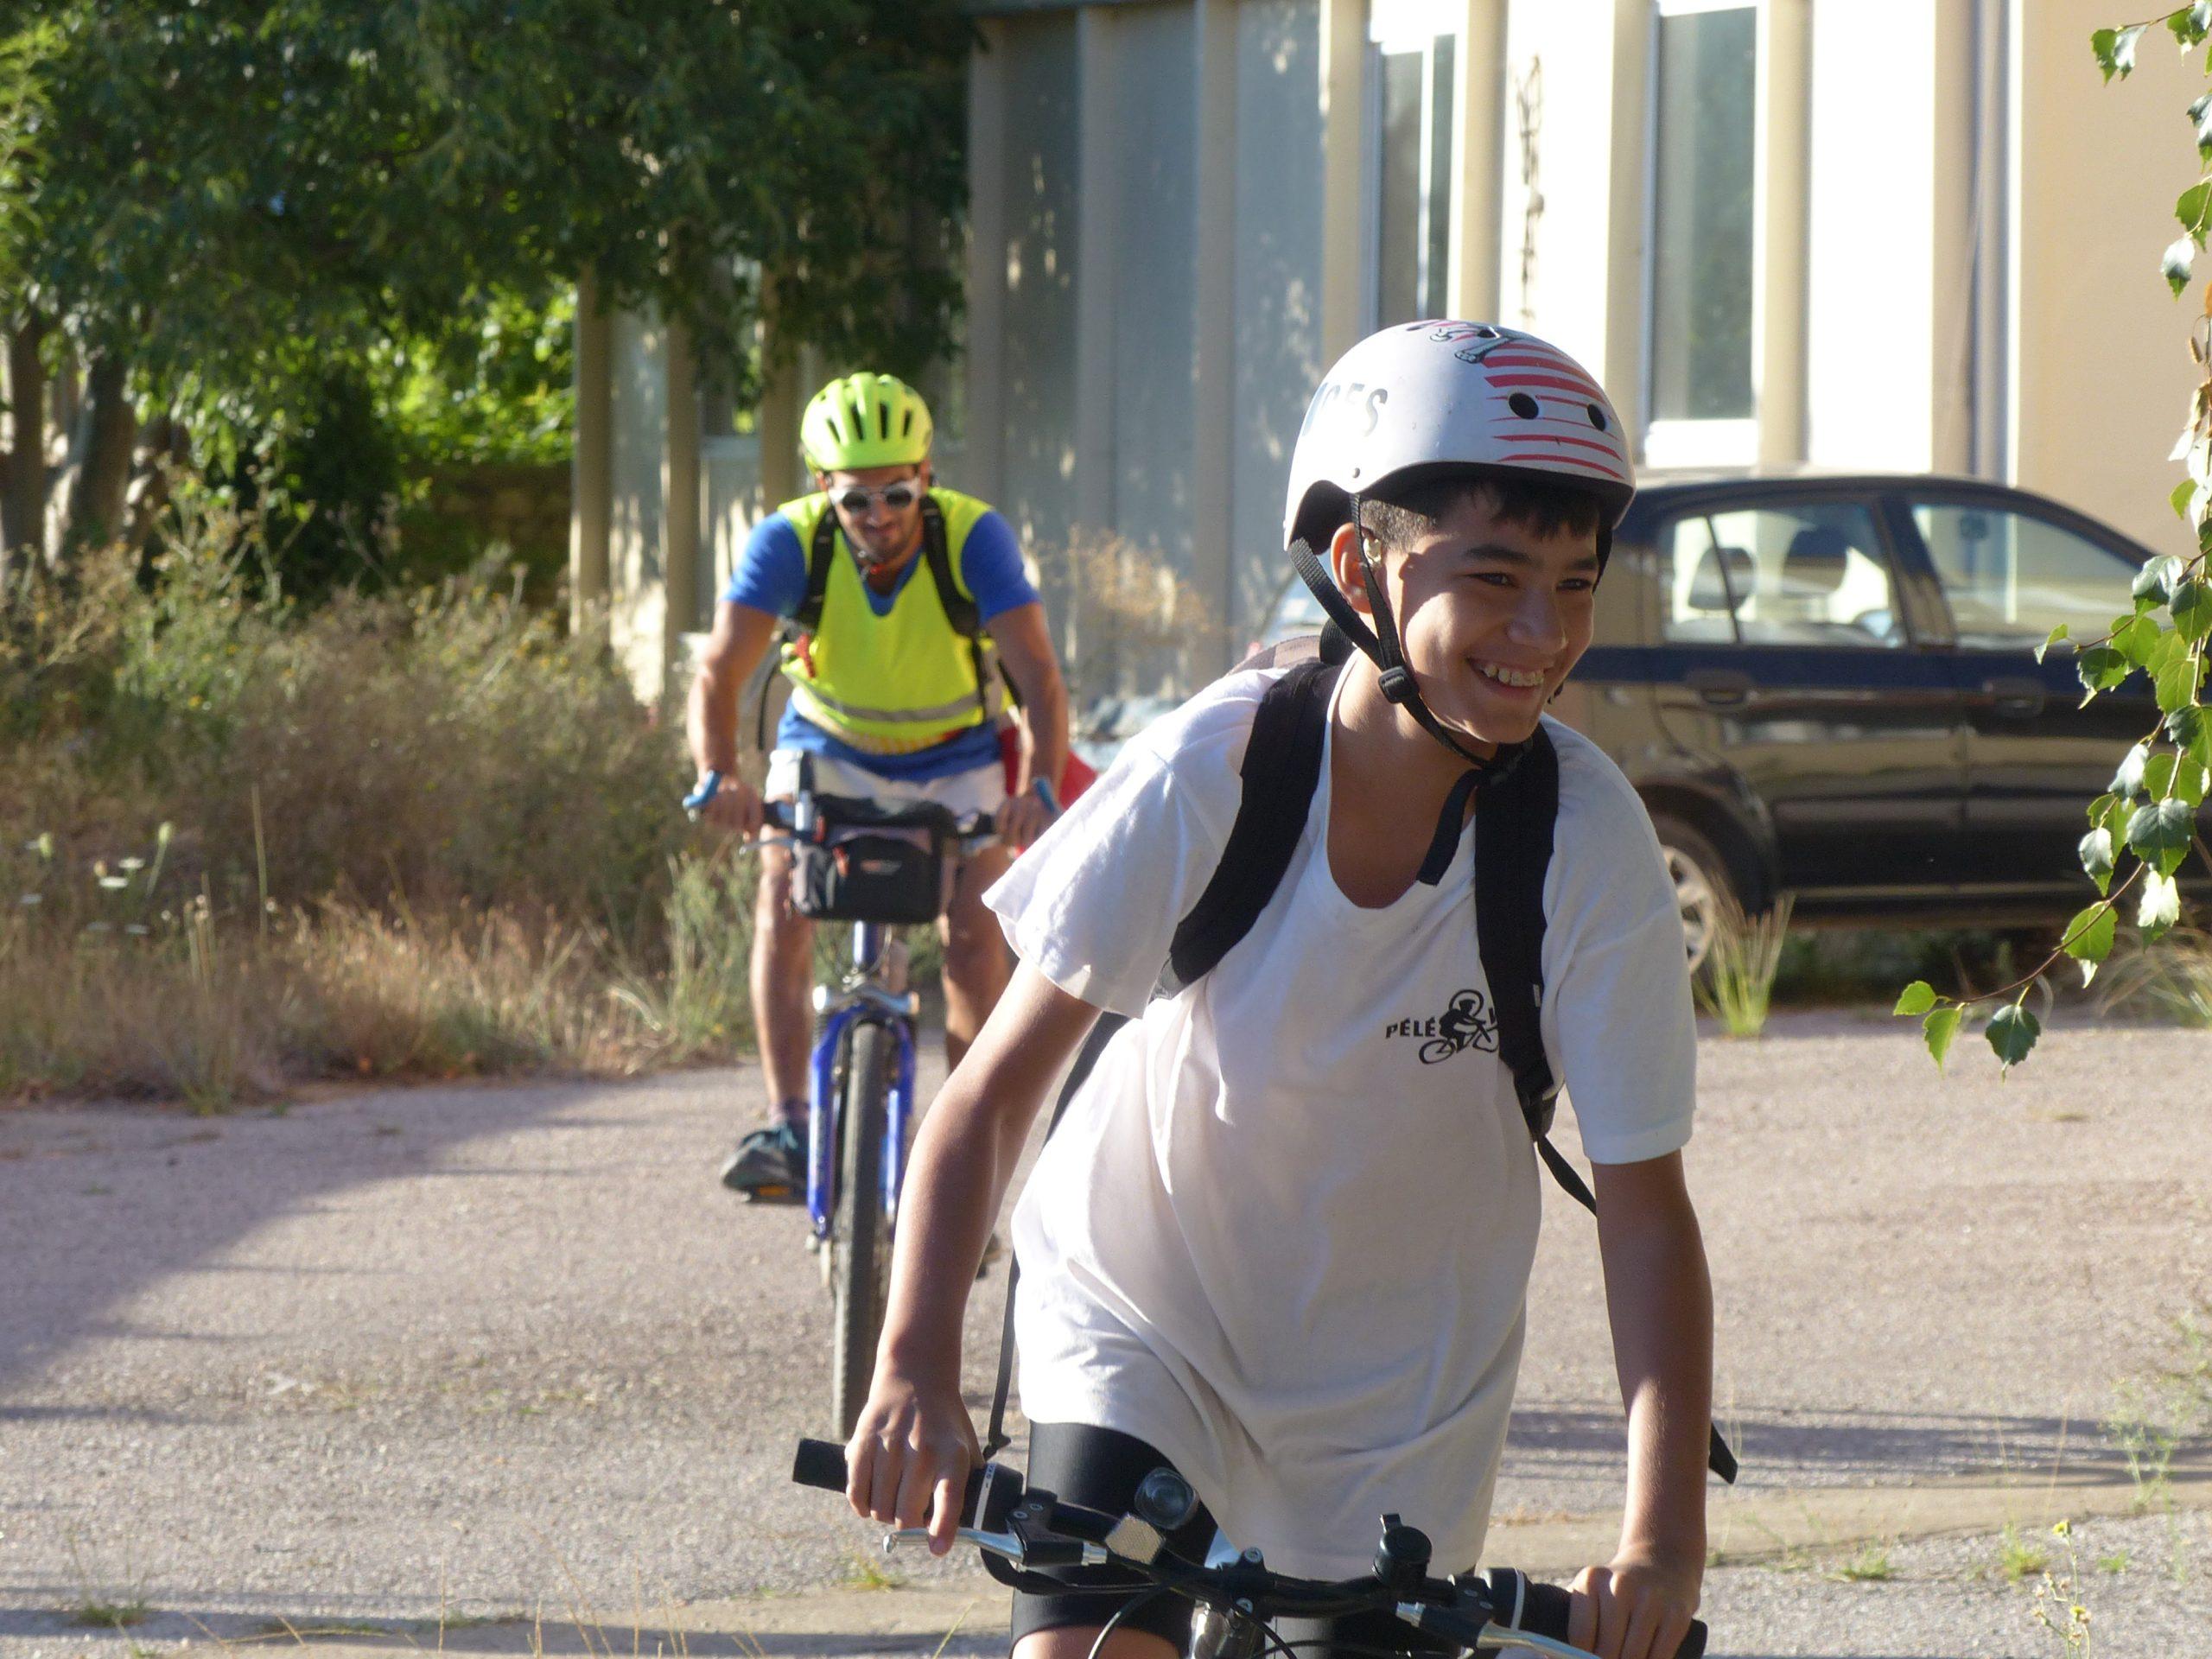 L'aventure Pélé VTT du 5 au 9 juillet en Cerdagne